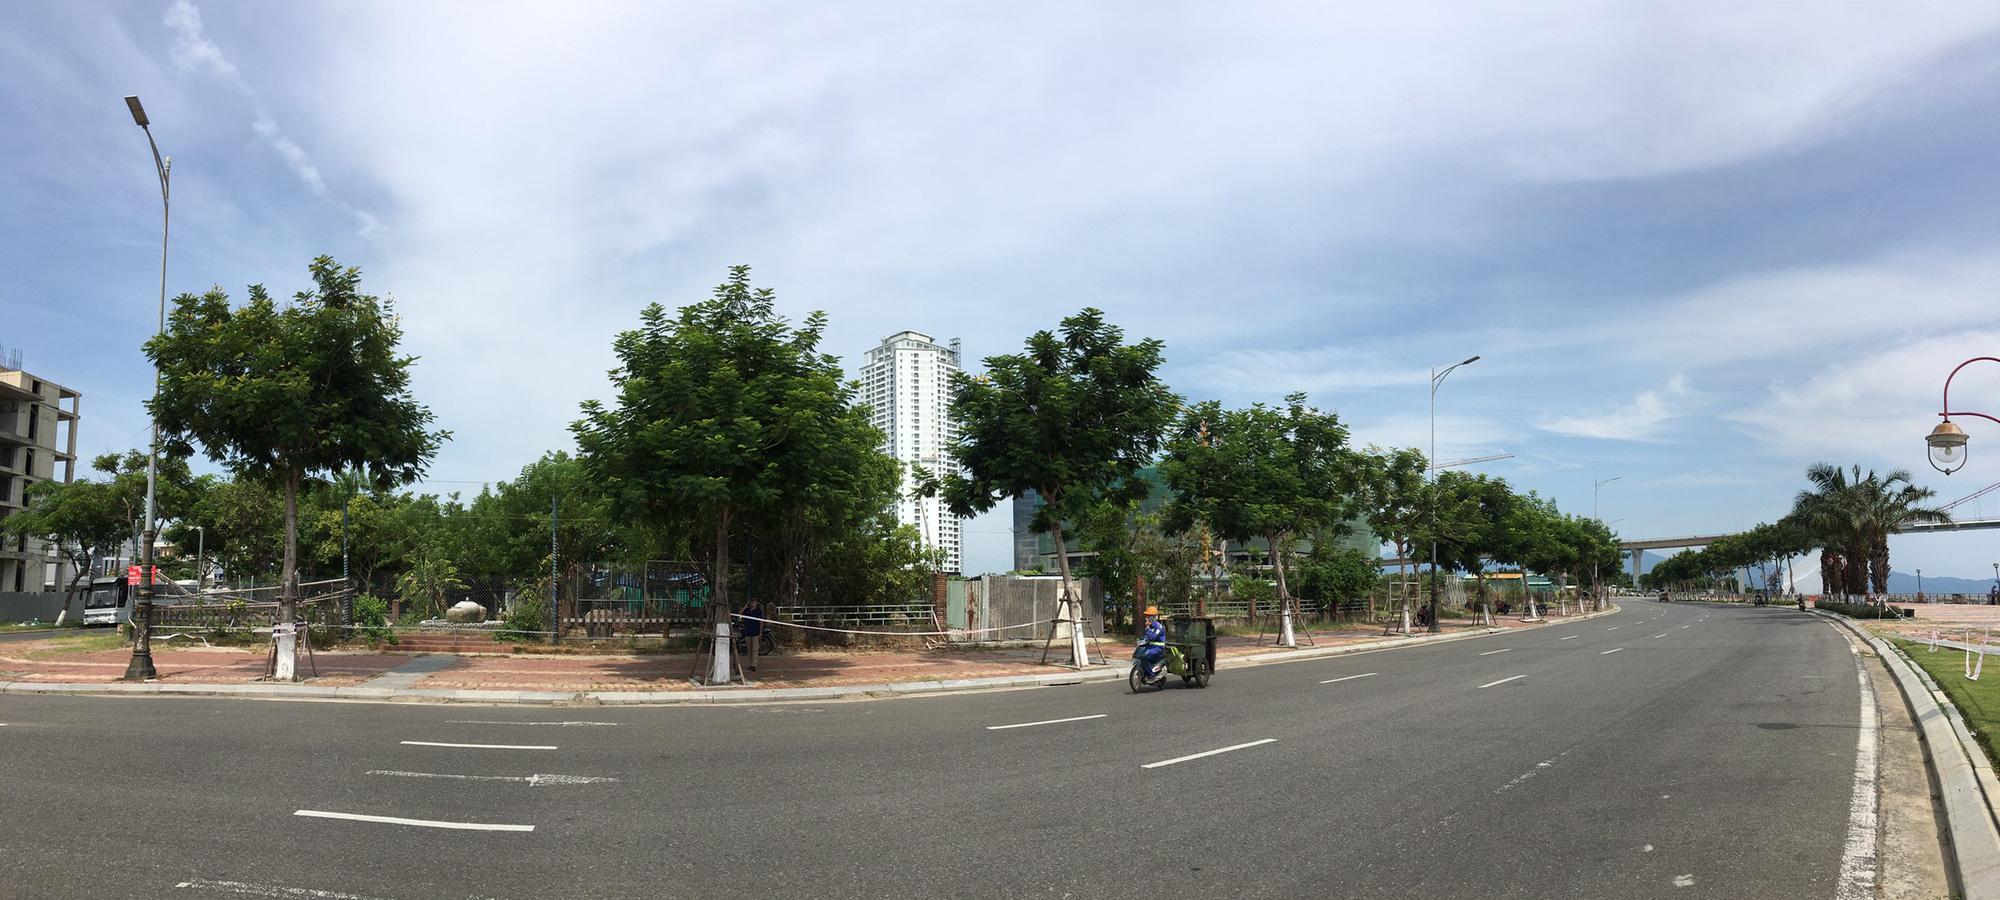 Ba khu đất sát sông Hàn, khu công nghiệp Thủy sản Đà Nẵng kêu gọi đầu tư - Ảnh 14.